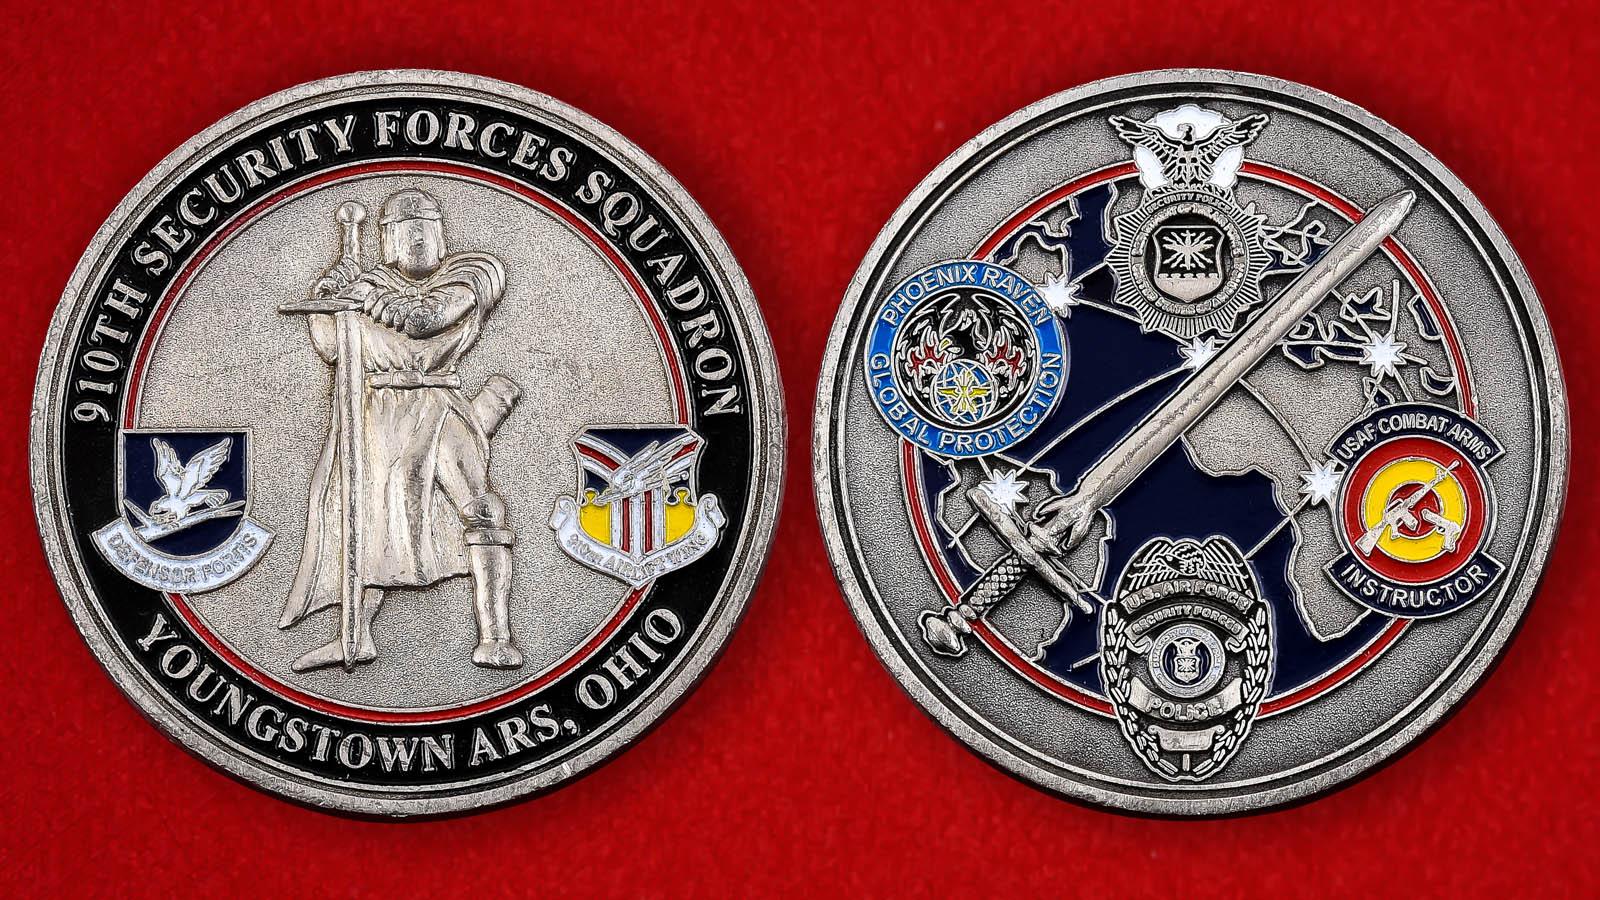 """Челлендж коин ВВС США """"Служба безопасности 910-го крыла, Янгстаун, Огайо"""""""